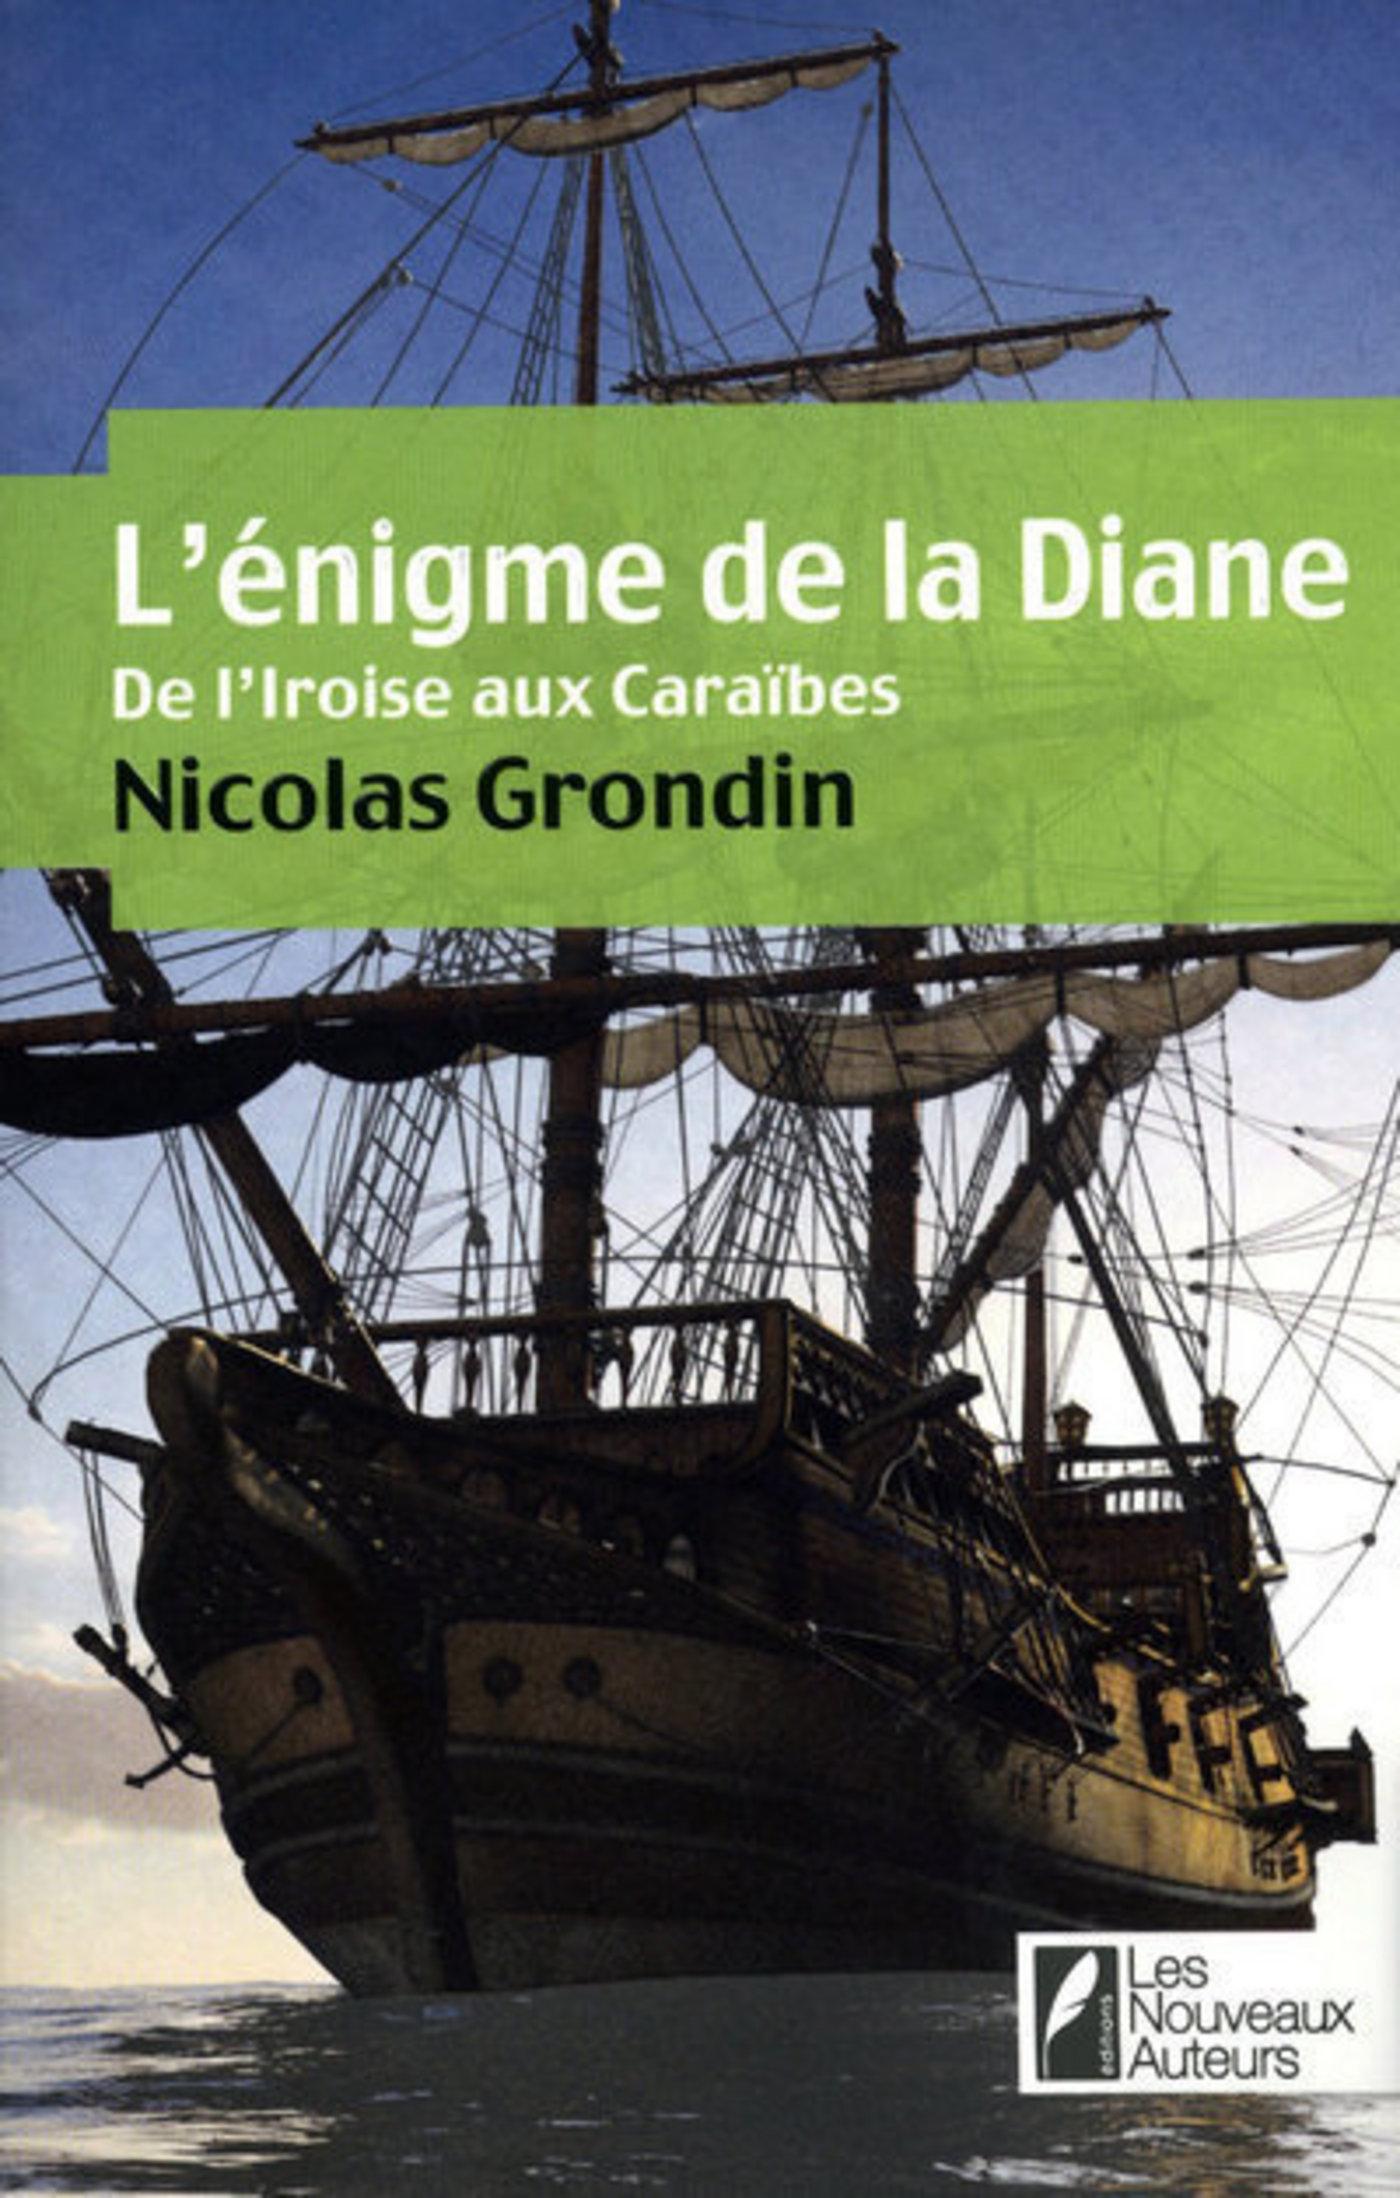 L'enigme de la diane - De l'iroise aux caraïbes | Grondin, Nicolas